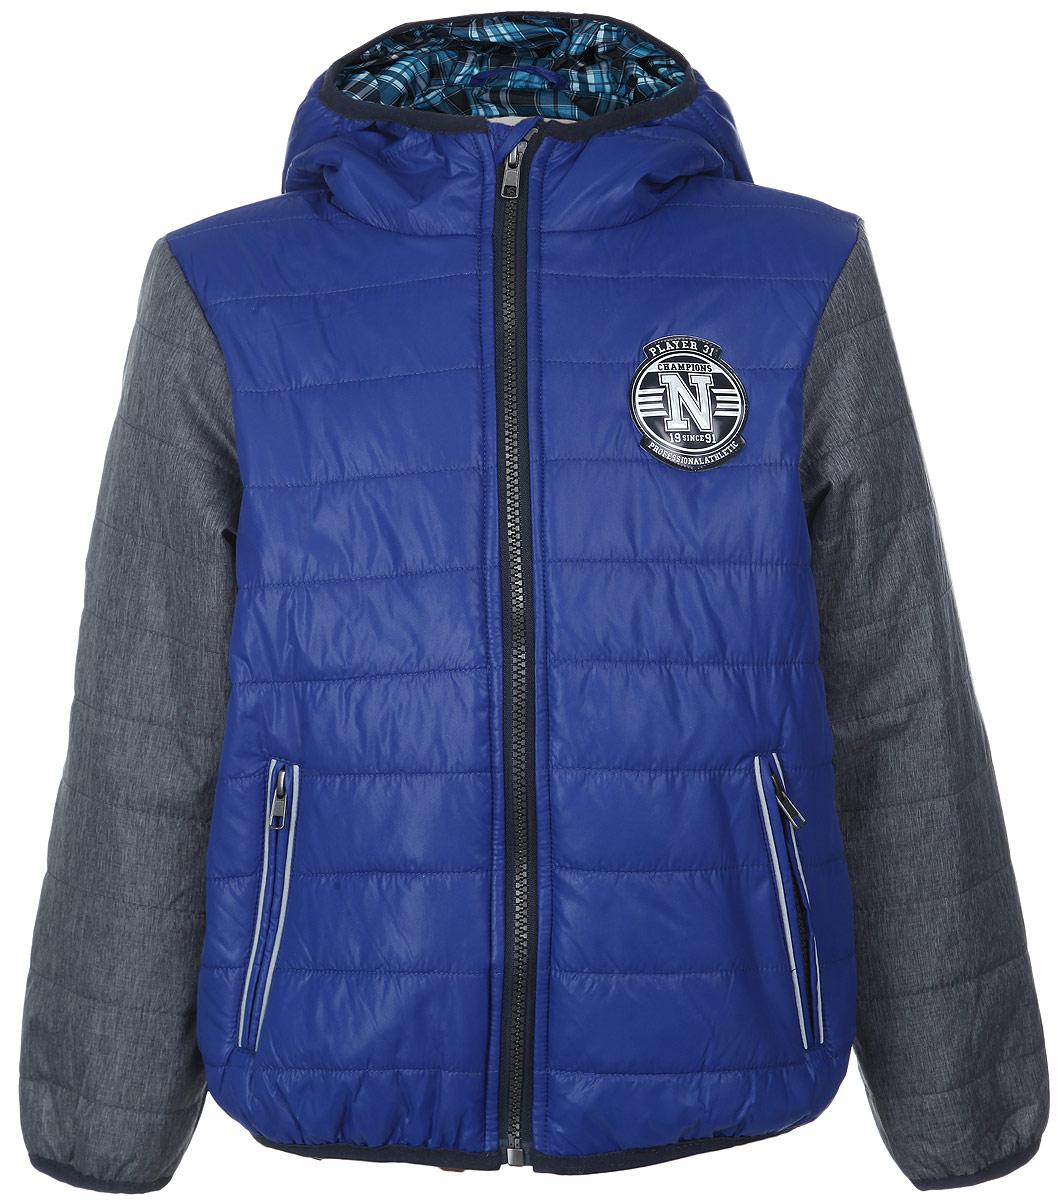 Куртка для мальчика. Cp-826/215-6102Cp-826/215-6102Яркая куртка для мальчика Sela идеально подойдет вашему ребенку в прохладную погоду. Модель изготовлена из нейлона на подкладке из полиэстера, в качестве утеплителя используется тонкая прослойка синтепона. Благодаря своему составу, куртка очень легкая, максимально удерживает тепло, отлично сохраняет свой внешний вид даже при многократных стирках, быстро сохнет. Куртка с капюшоном застегивается на пластиковую молнию с защитой подбородка и дополнительно имеет внутреннюю ветрозащитную планку. Капюшон не отстегивается, дополнен по краю скрытой эластичной резинкой. Спереди предусмотрены два прорезных кармана на застежках-молниях. По краям рукавов и по низу изделия проходит эластичная резинка. Куртка дополнена светоотражающими элементами для безопасности ребенка в темное время суток. Легкая, комфортная и теплая куртка идеально подойдет для прогулок и игр на свежем воздухе!